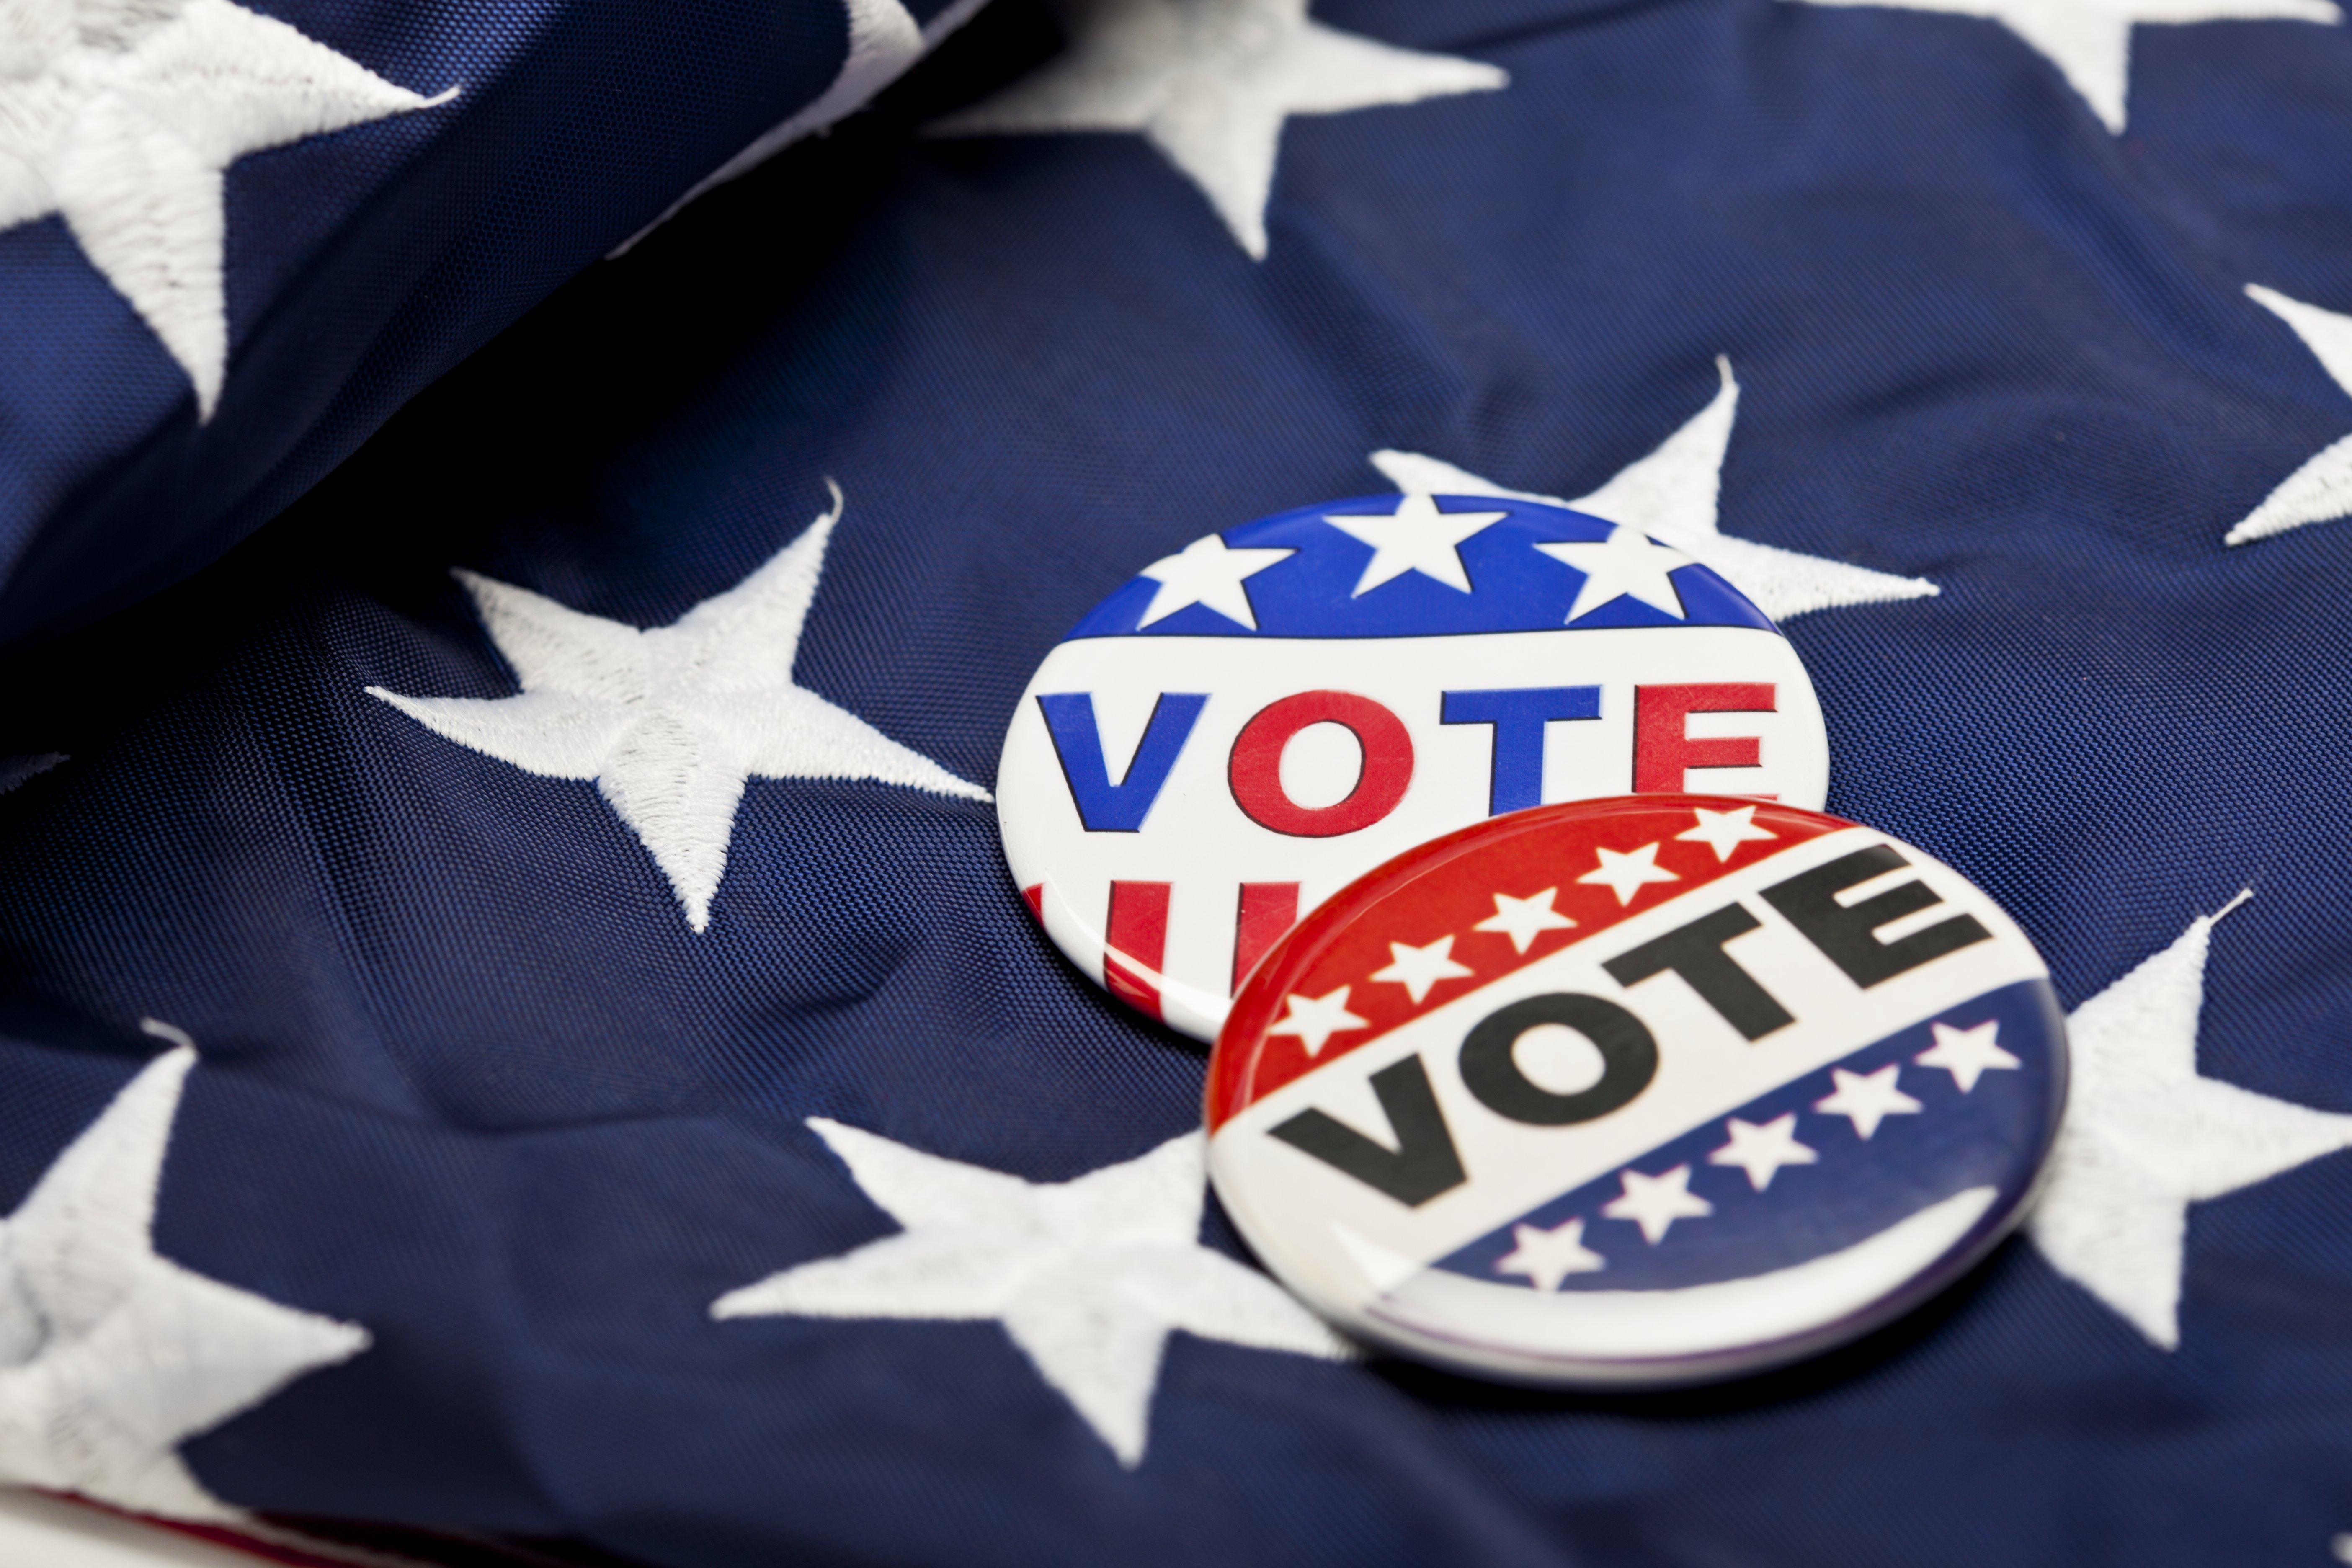 Le elezioni Usa e l'impatto sui mercati internazionali secondo Nouriel Roubini